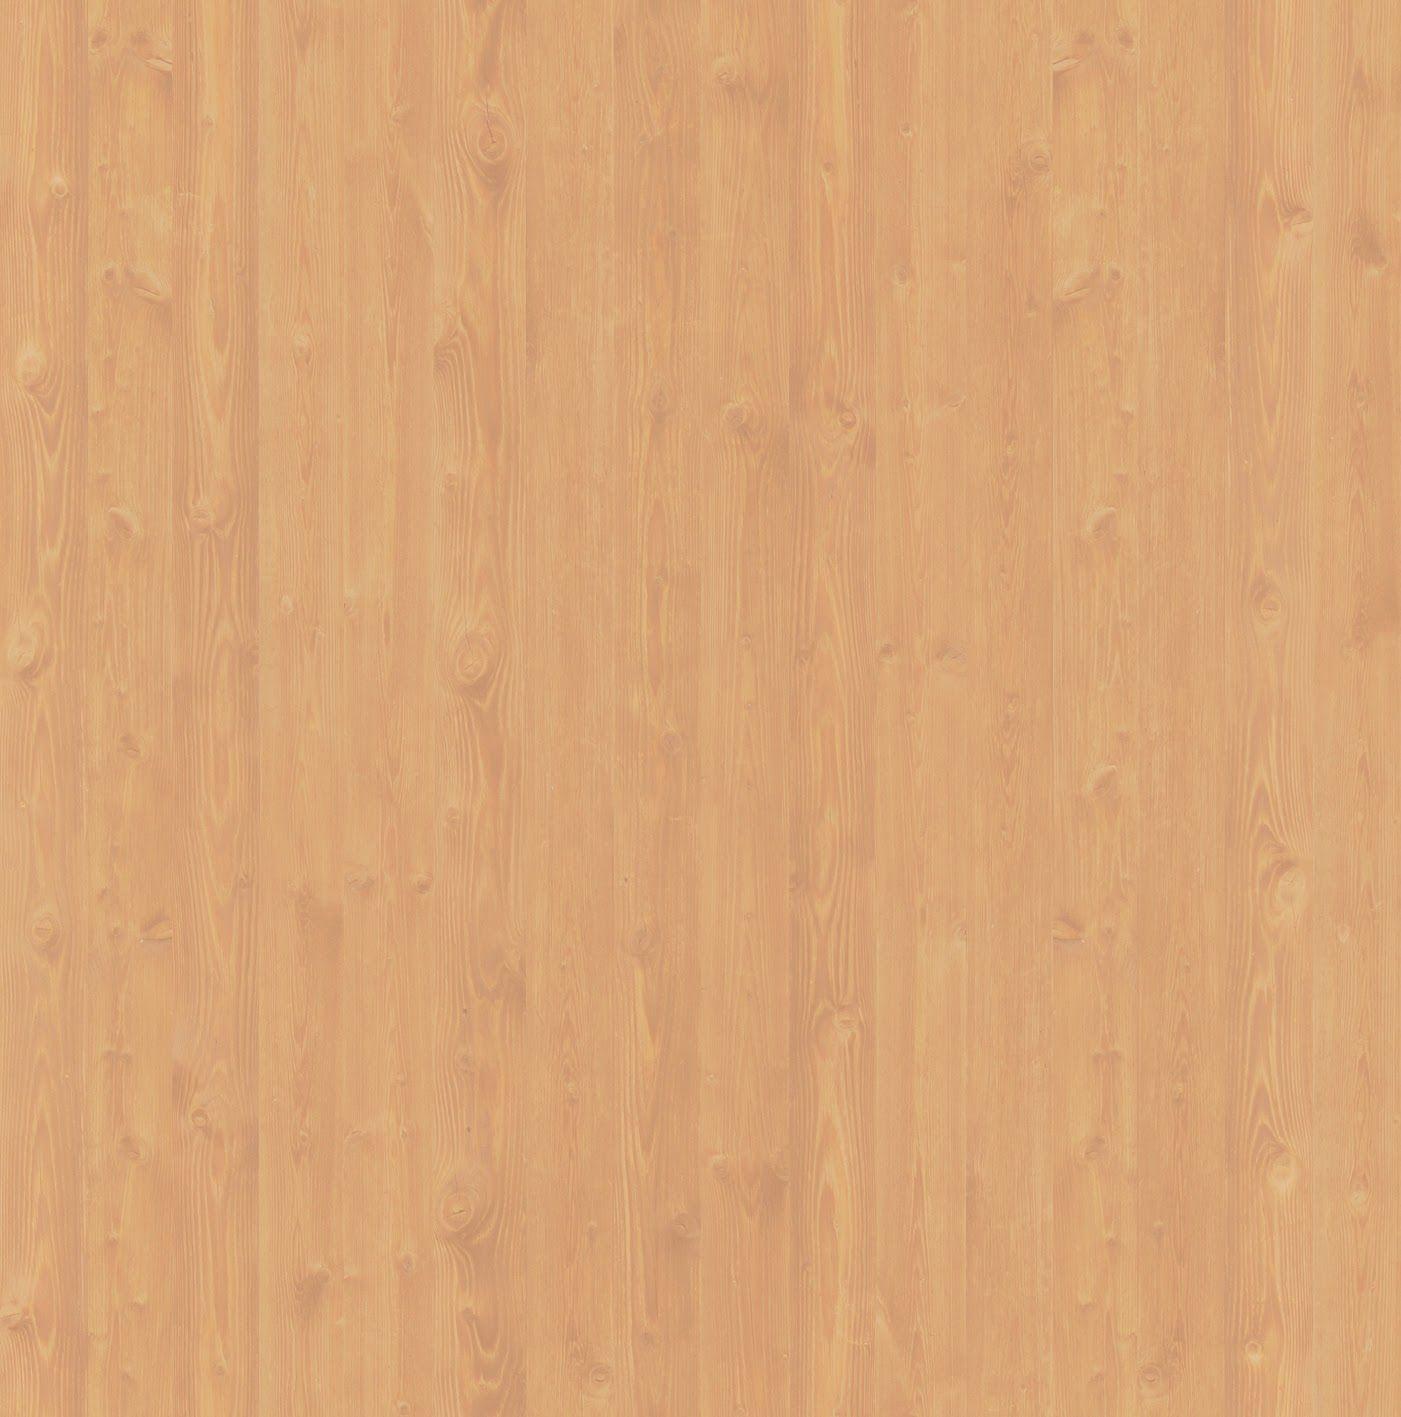 Texture seamless legno texture wood pinterest for Legno chiaro texture